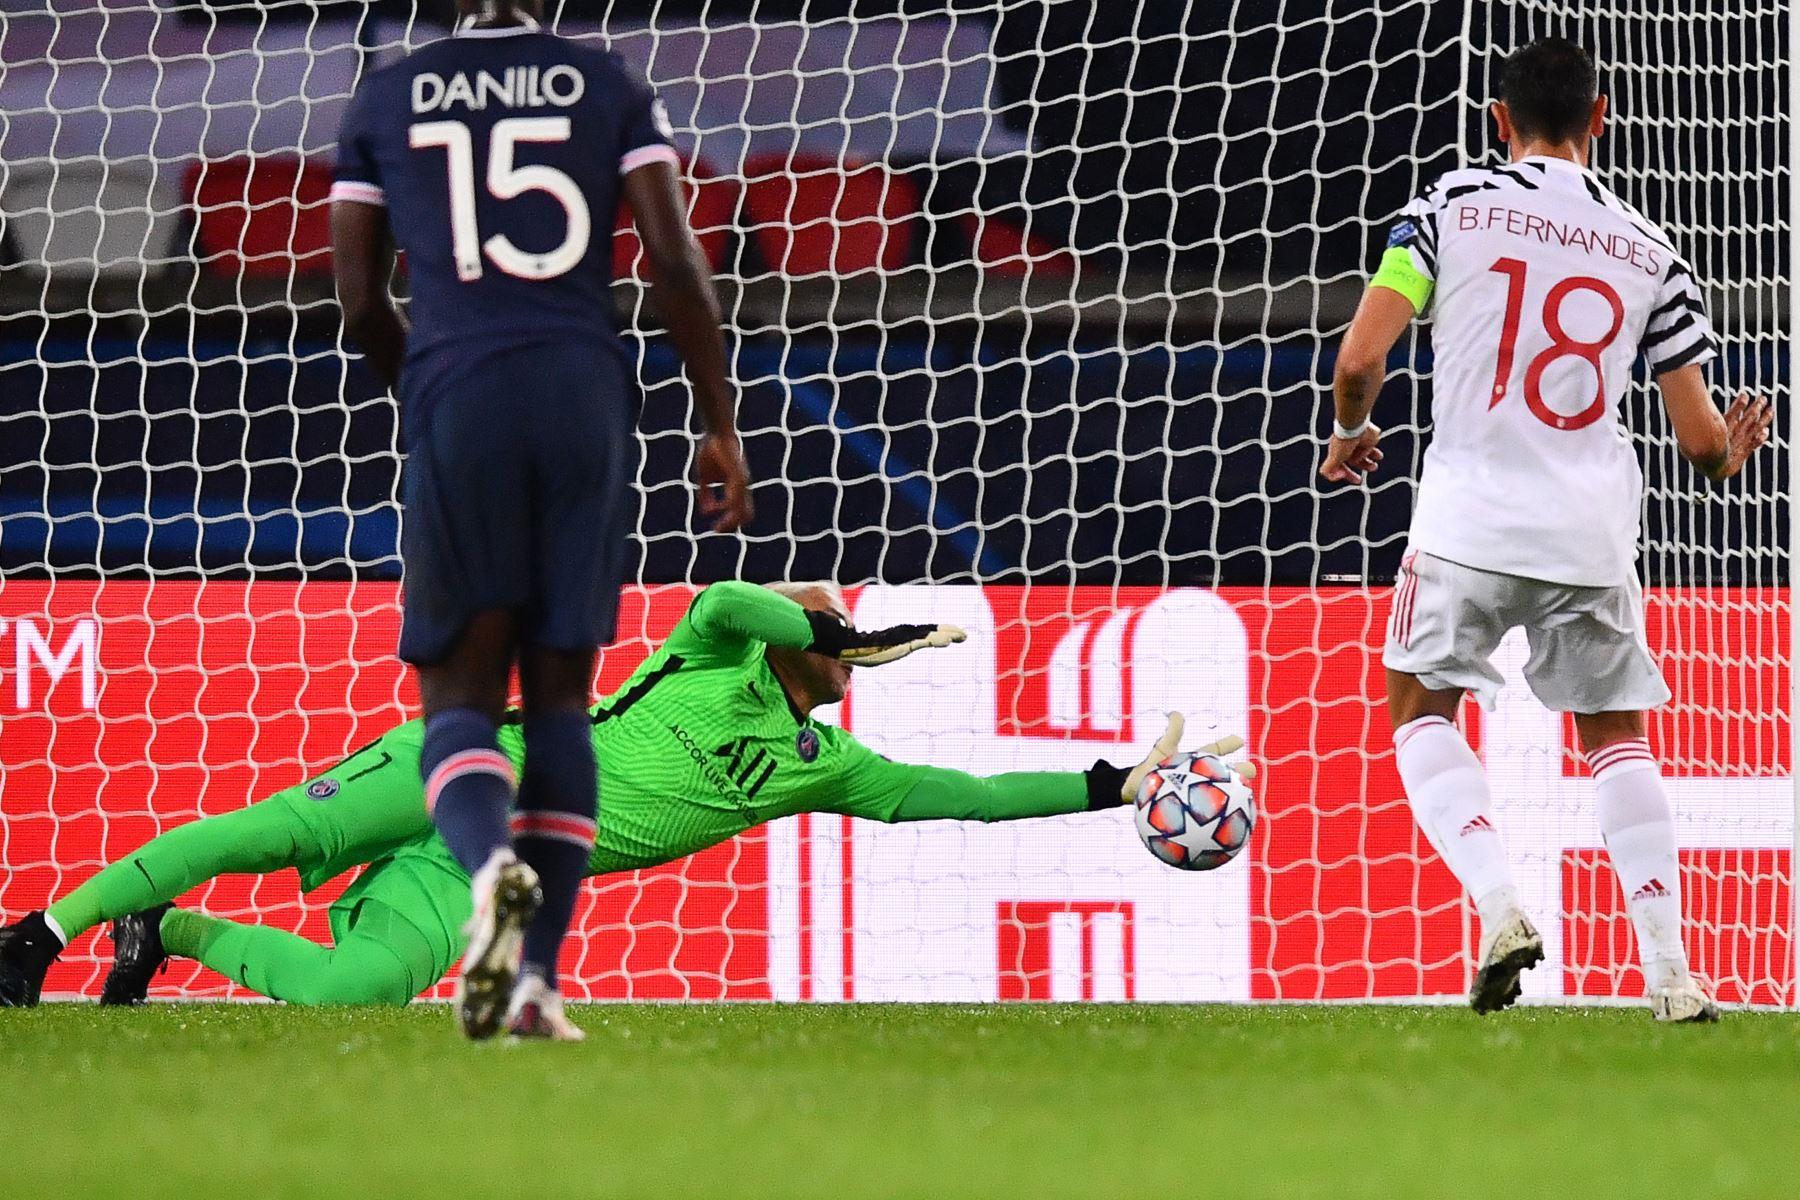 El portero costarricense del Paris Saint-Germain, Keylor Navas, detiene un penalti durante el partido ante Manchester United por el grupo Grupo H de la Liga de Campeones de la UEFA. Foto: AFP